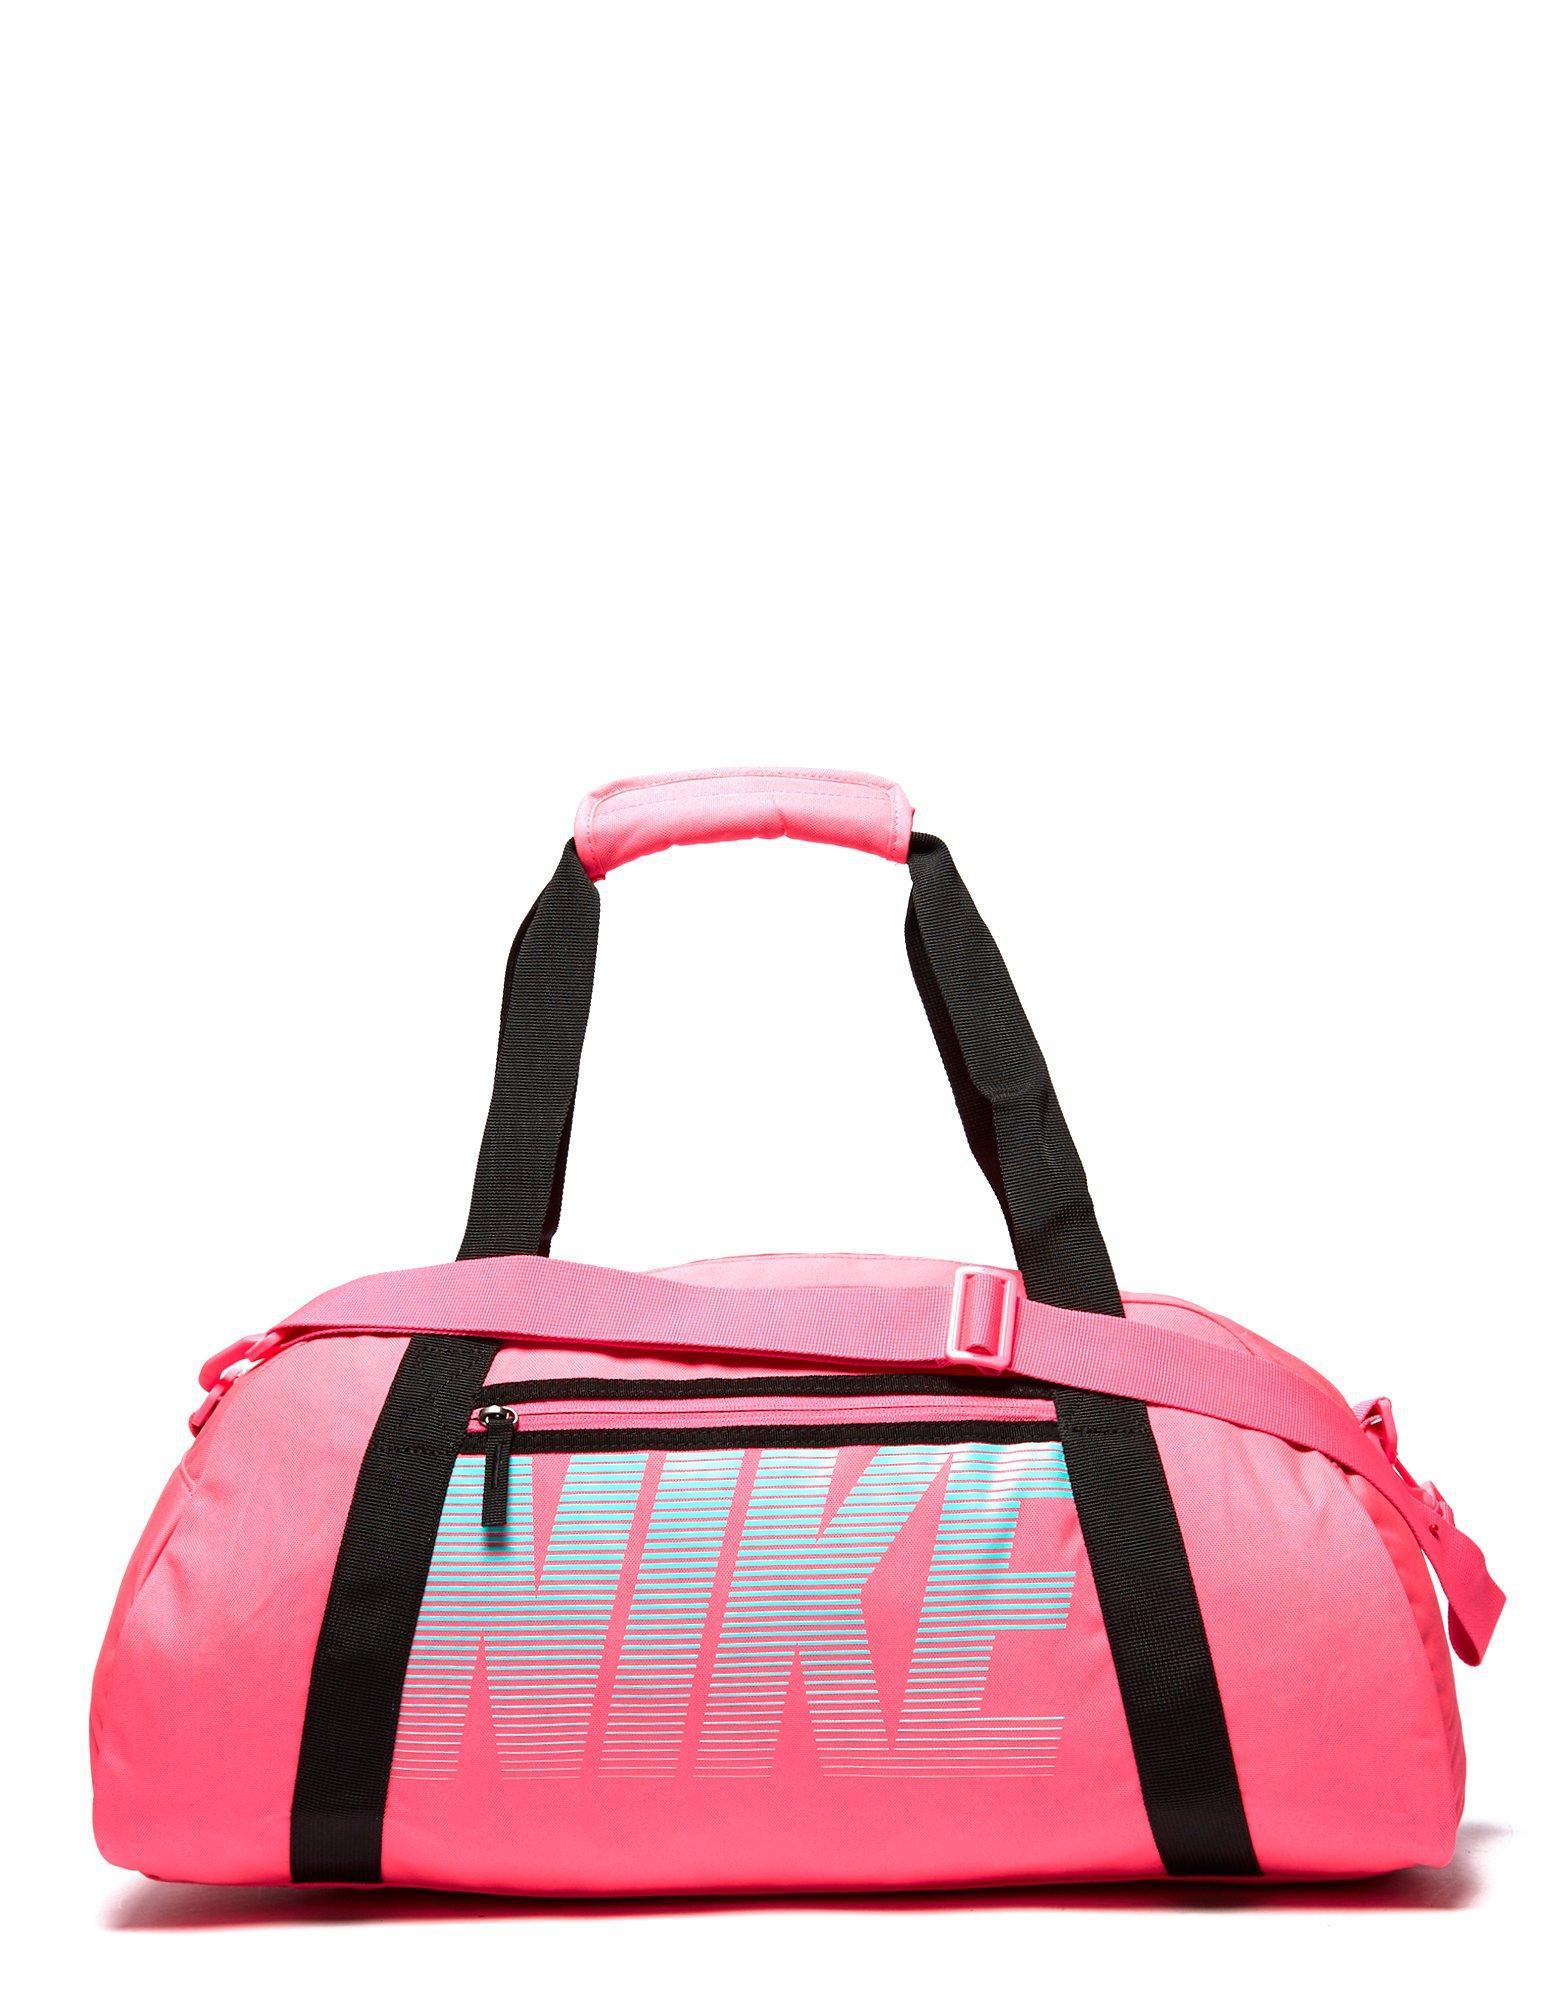 6f374bc01f00 Nike Gym Club Training Duffel Bag in Pink - Lyst